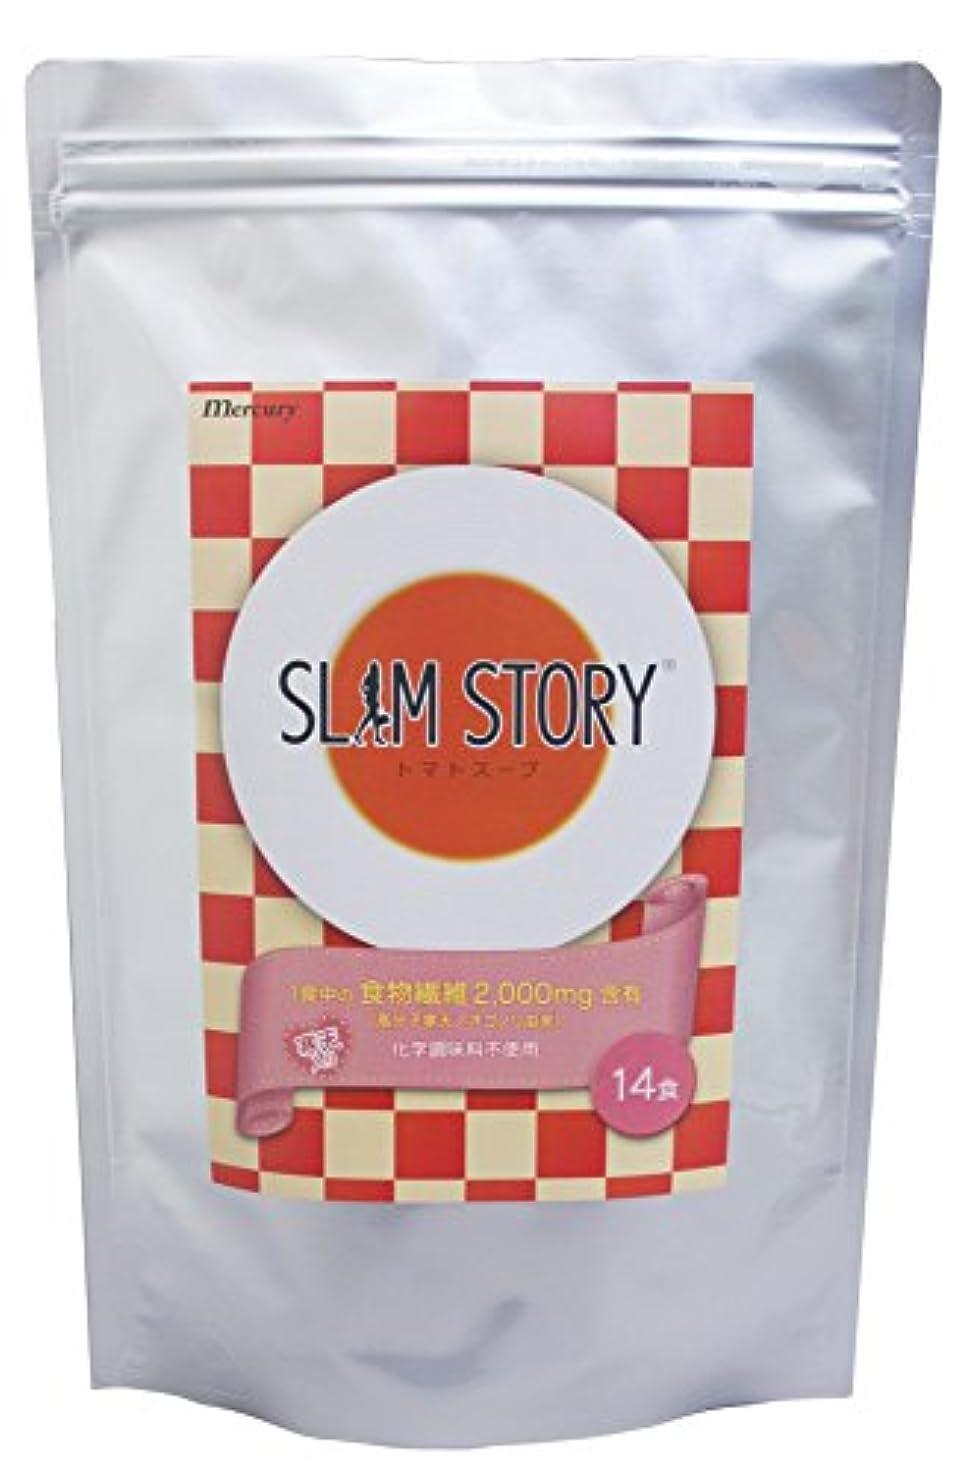 リダクター本当のことを言うと次へマーキュリー SLIM STORY トマトスープ 14食/化学調味料 不使用